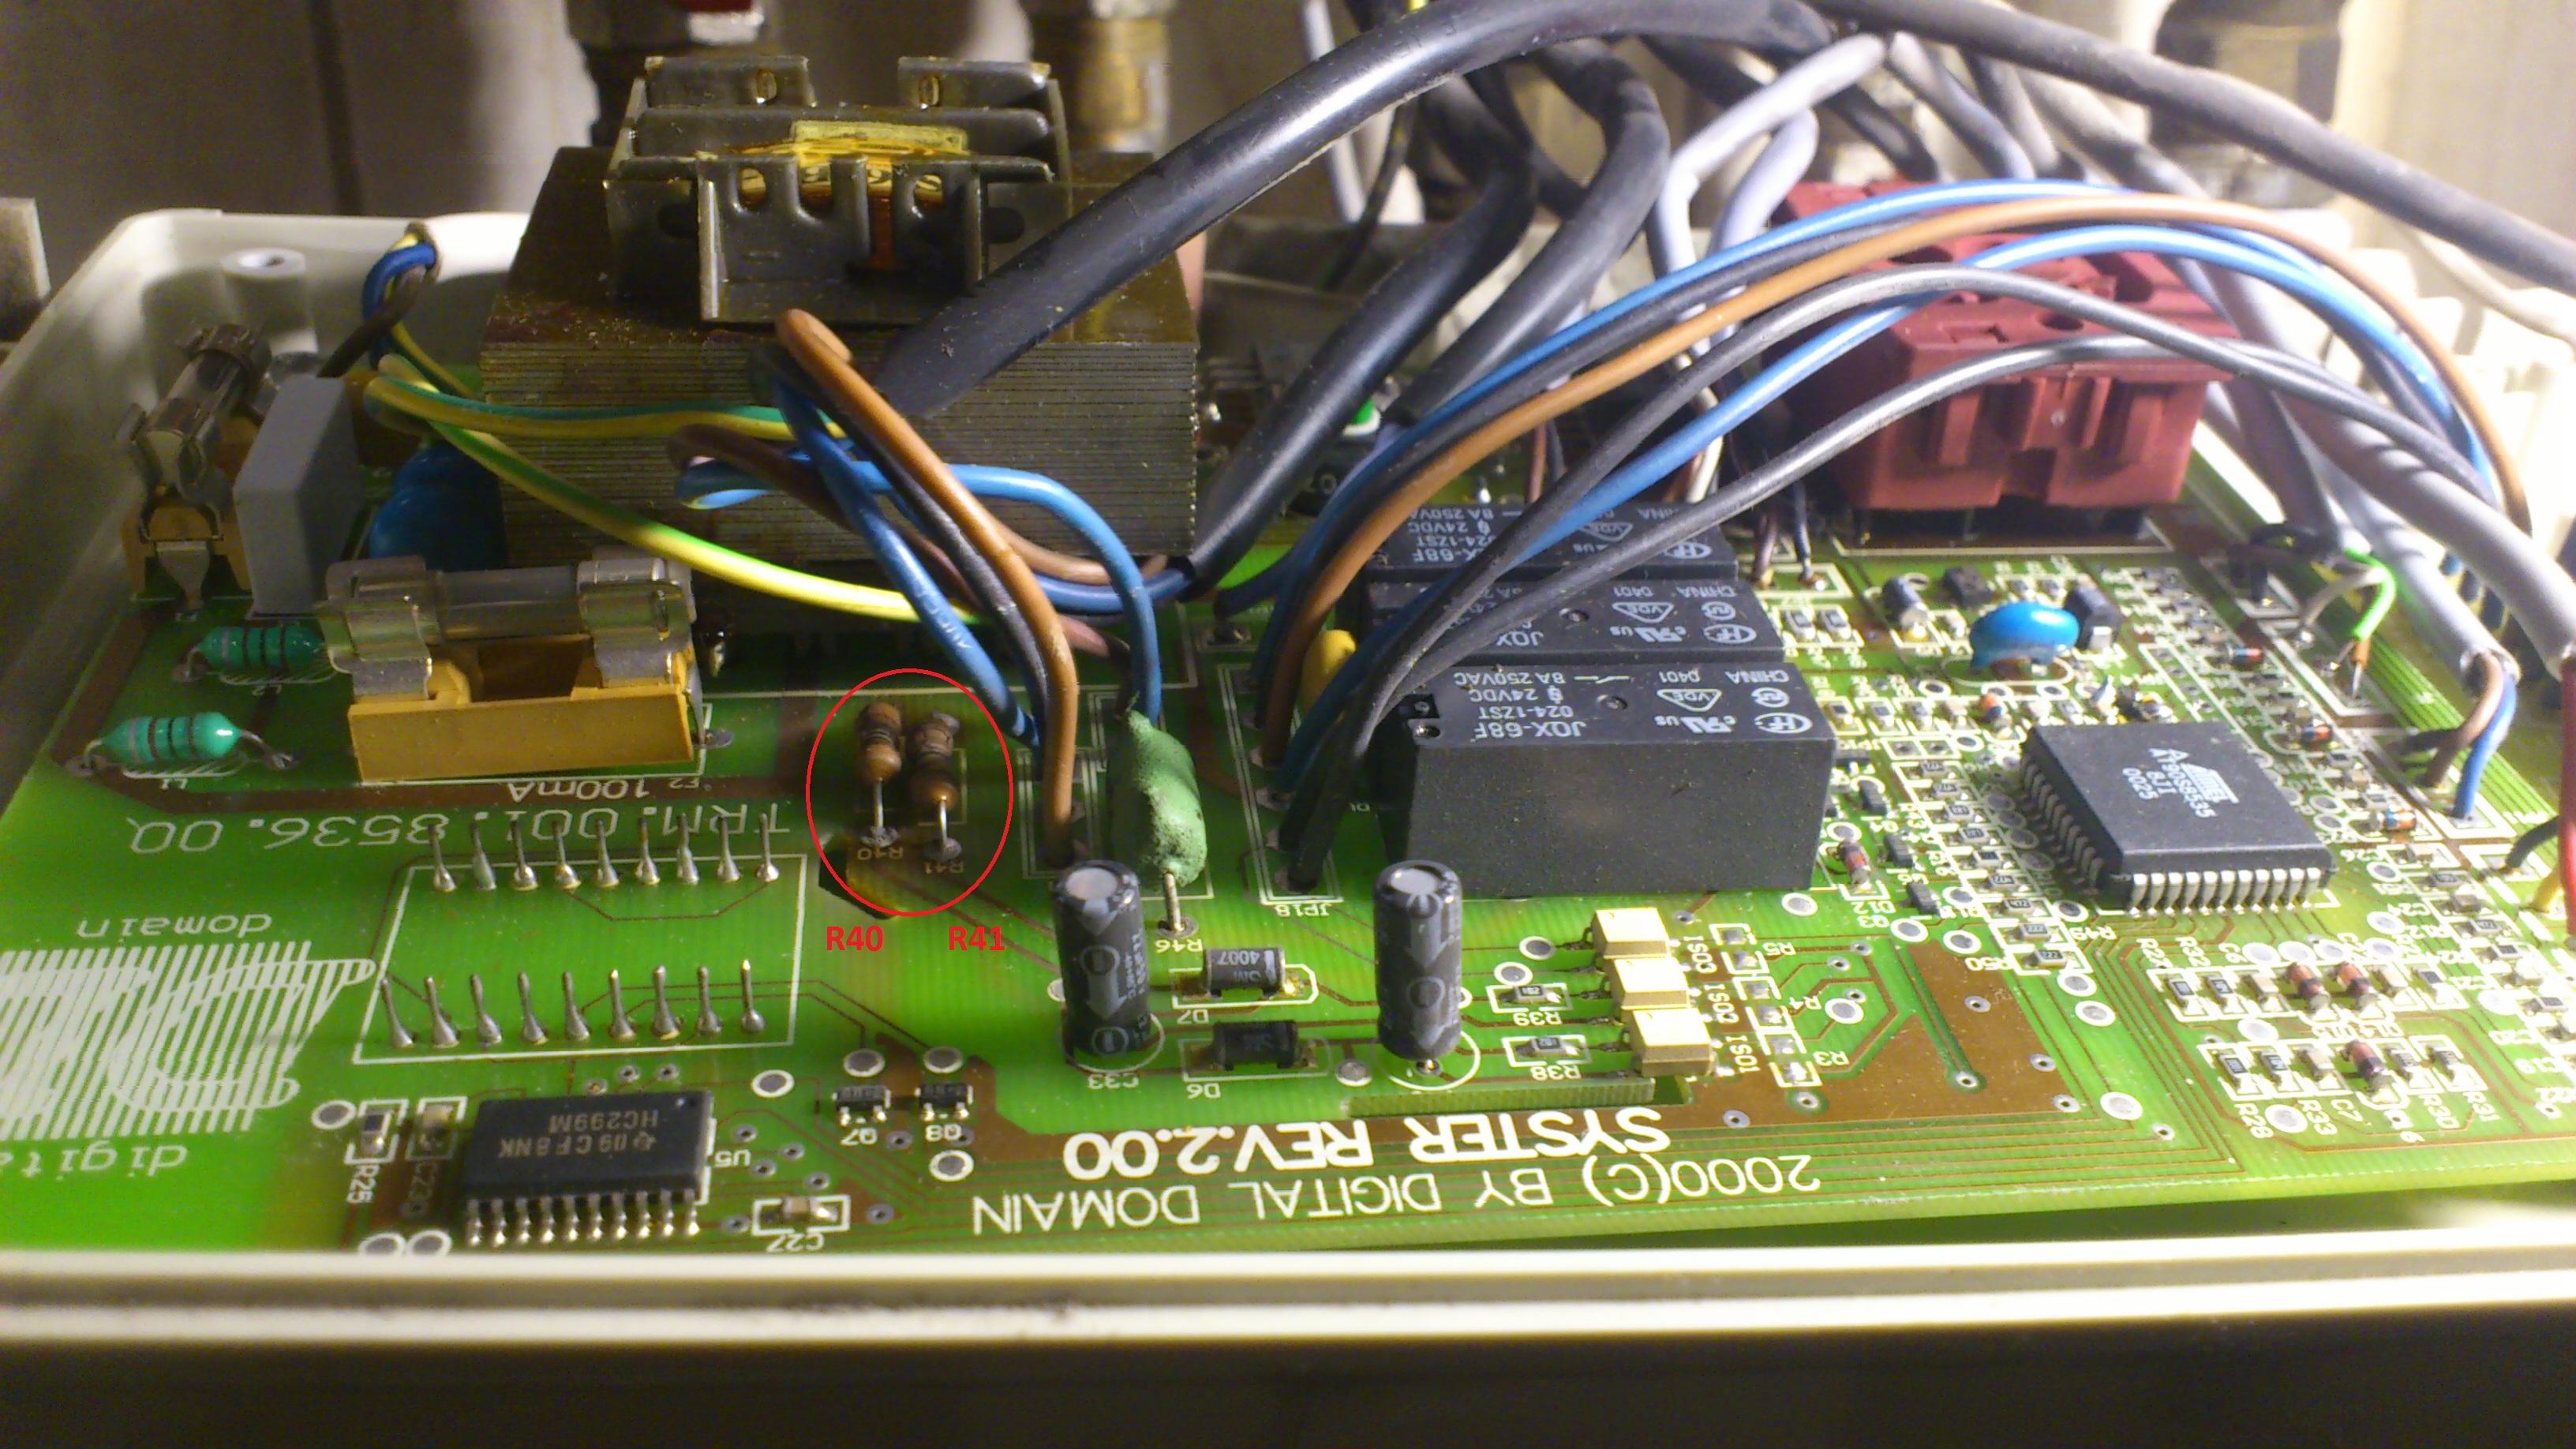 Termet GCO-DP-13-10-13/21 - Spalone oporniki R40 i R41 w panelu sterowania